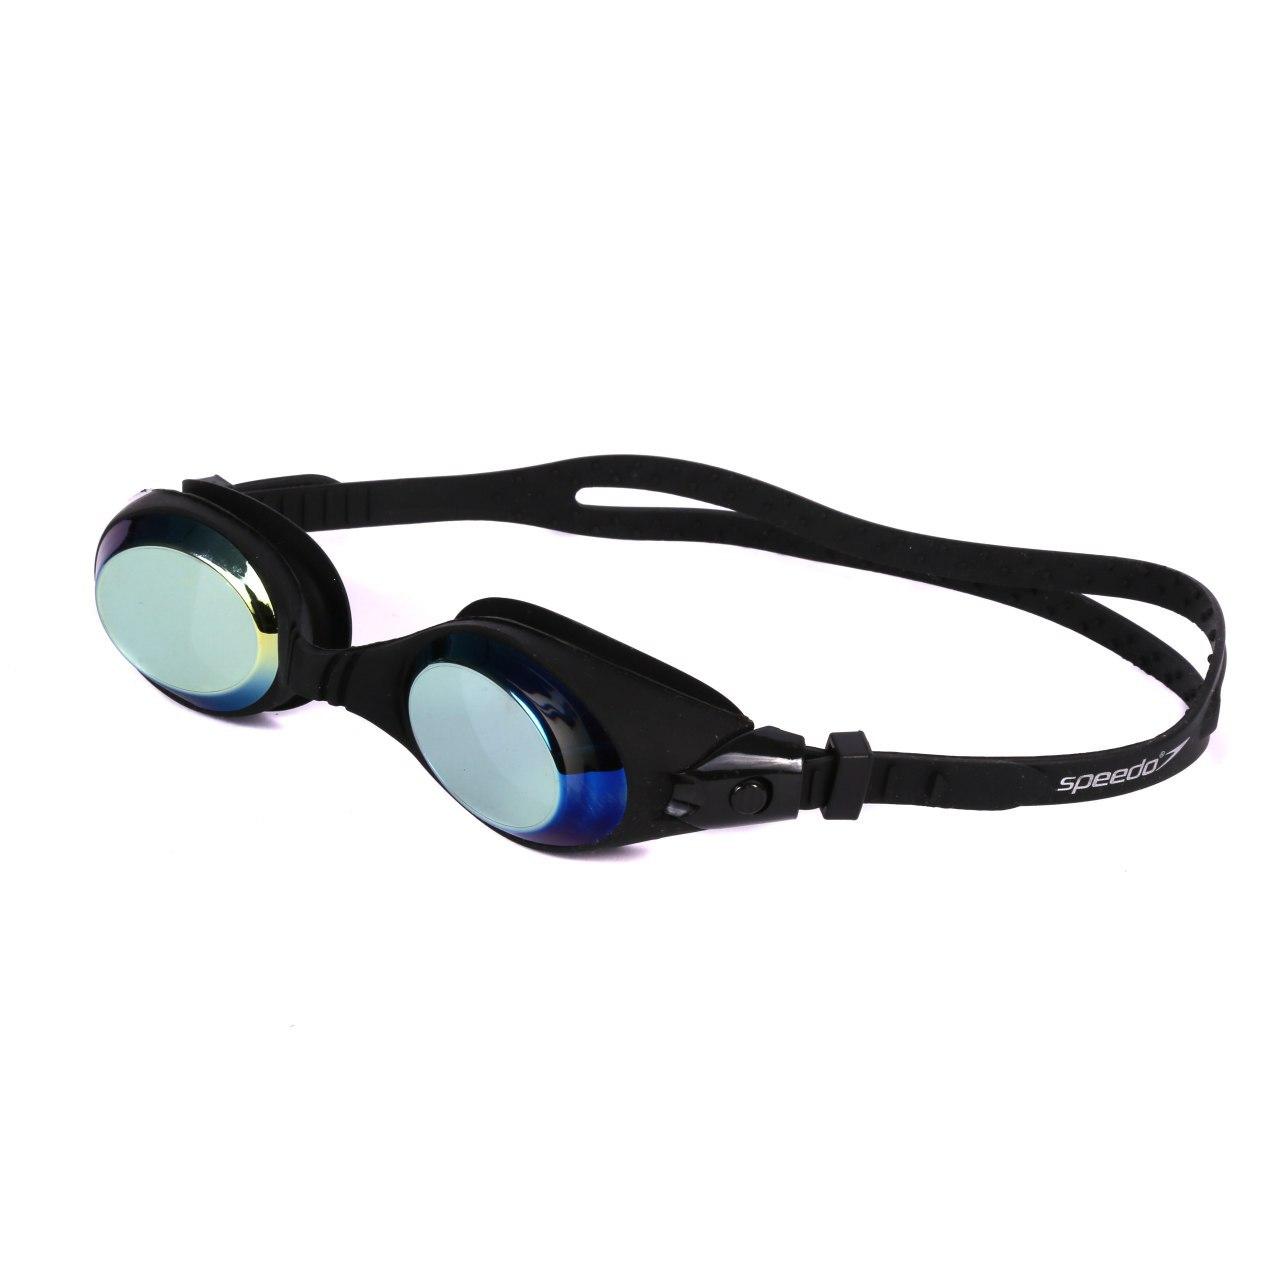 عینک شنای اسپیدو مدل MC 5100 B1